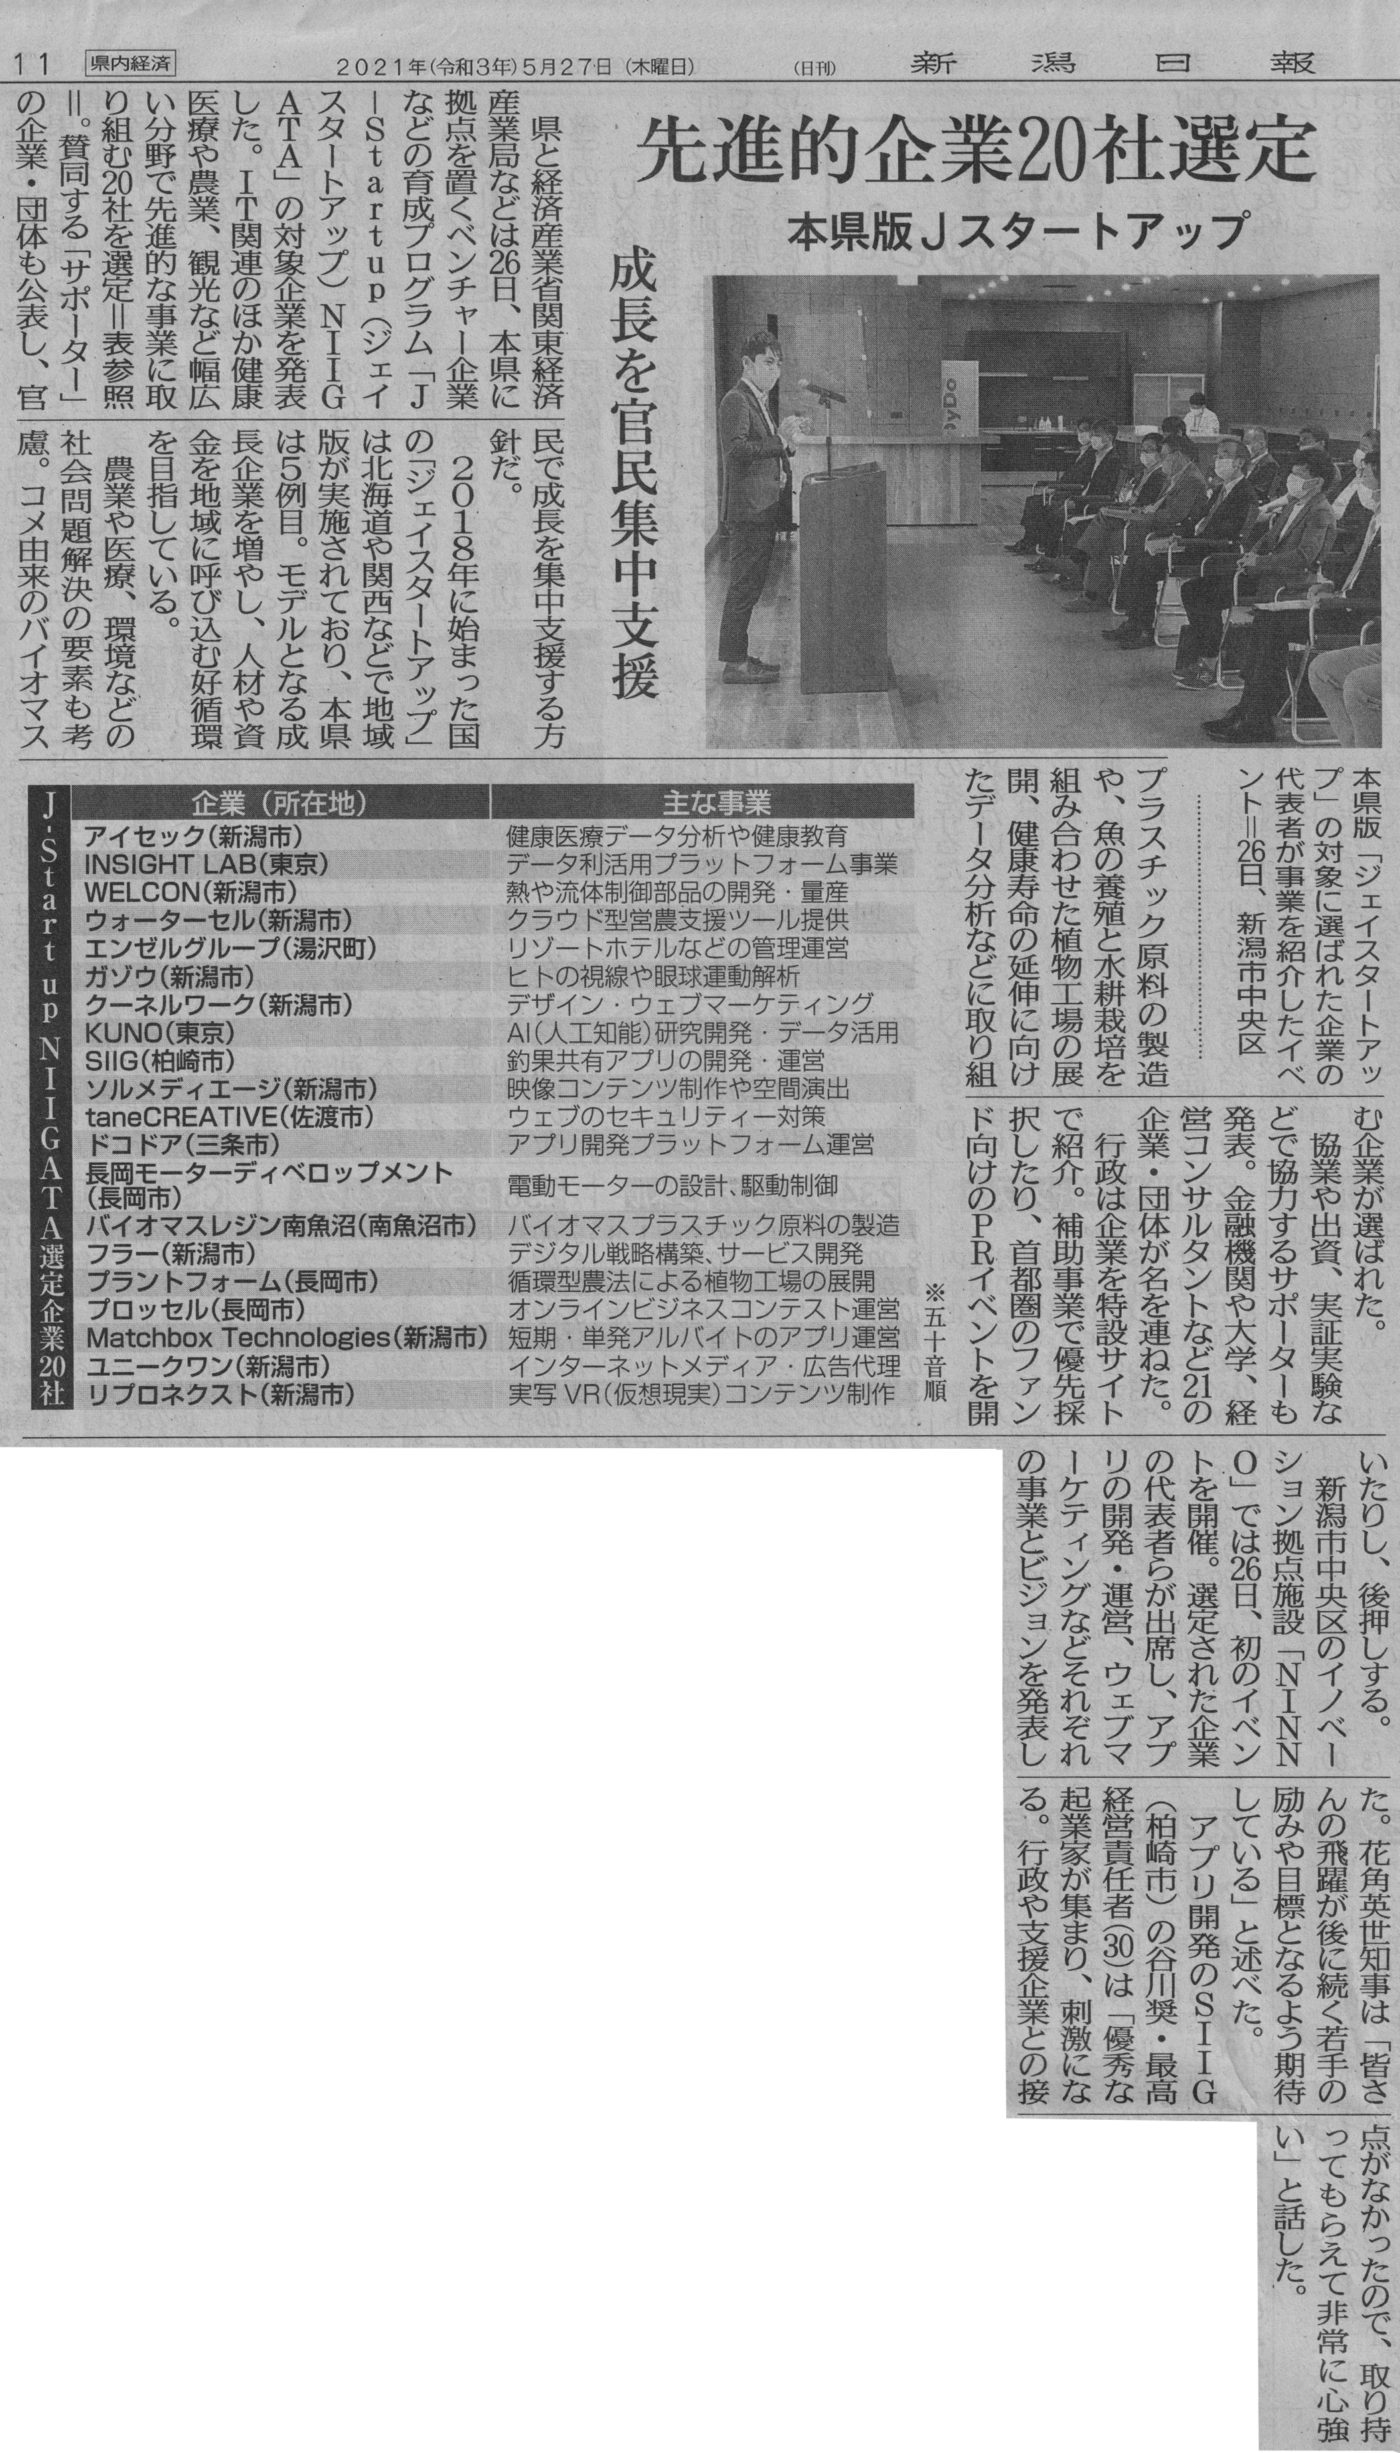 新潟日報掲載紙面